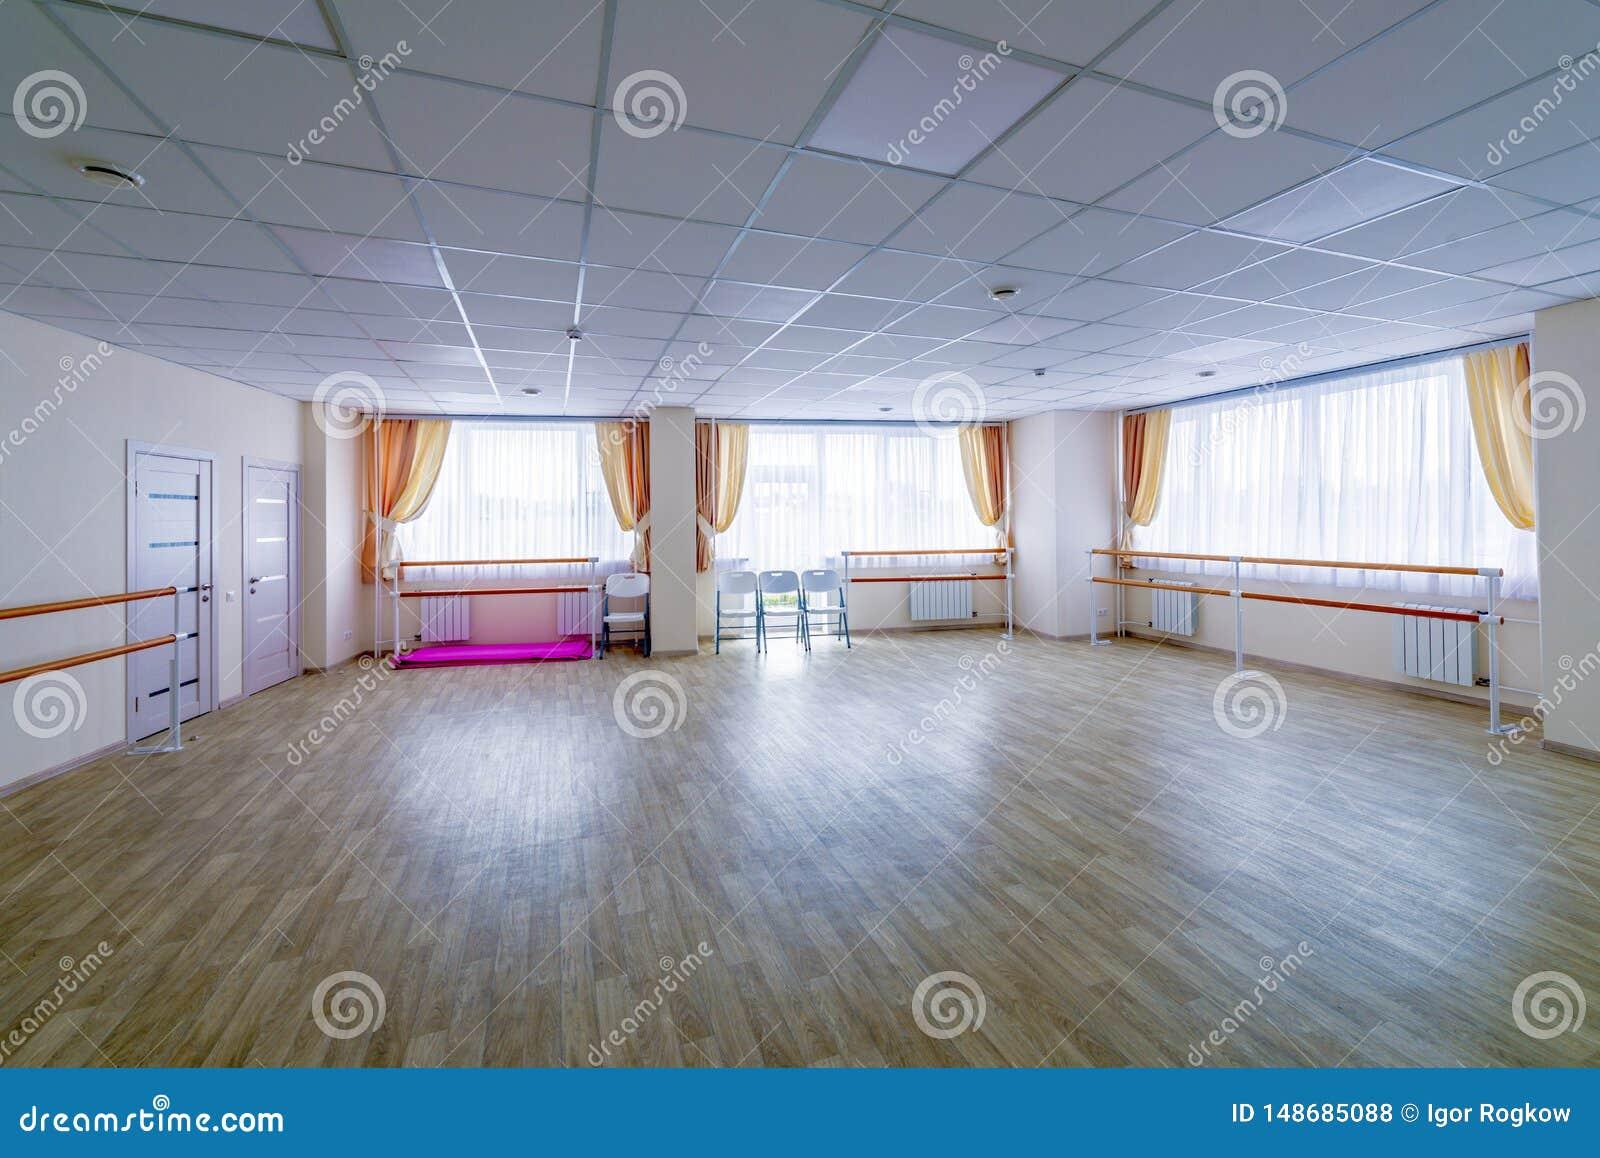 Pasillo de danza gimn?stico de entrenamiento interior con los espejos